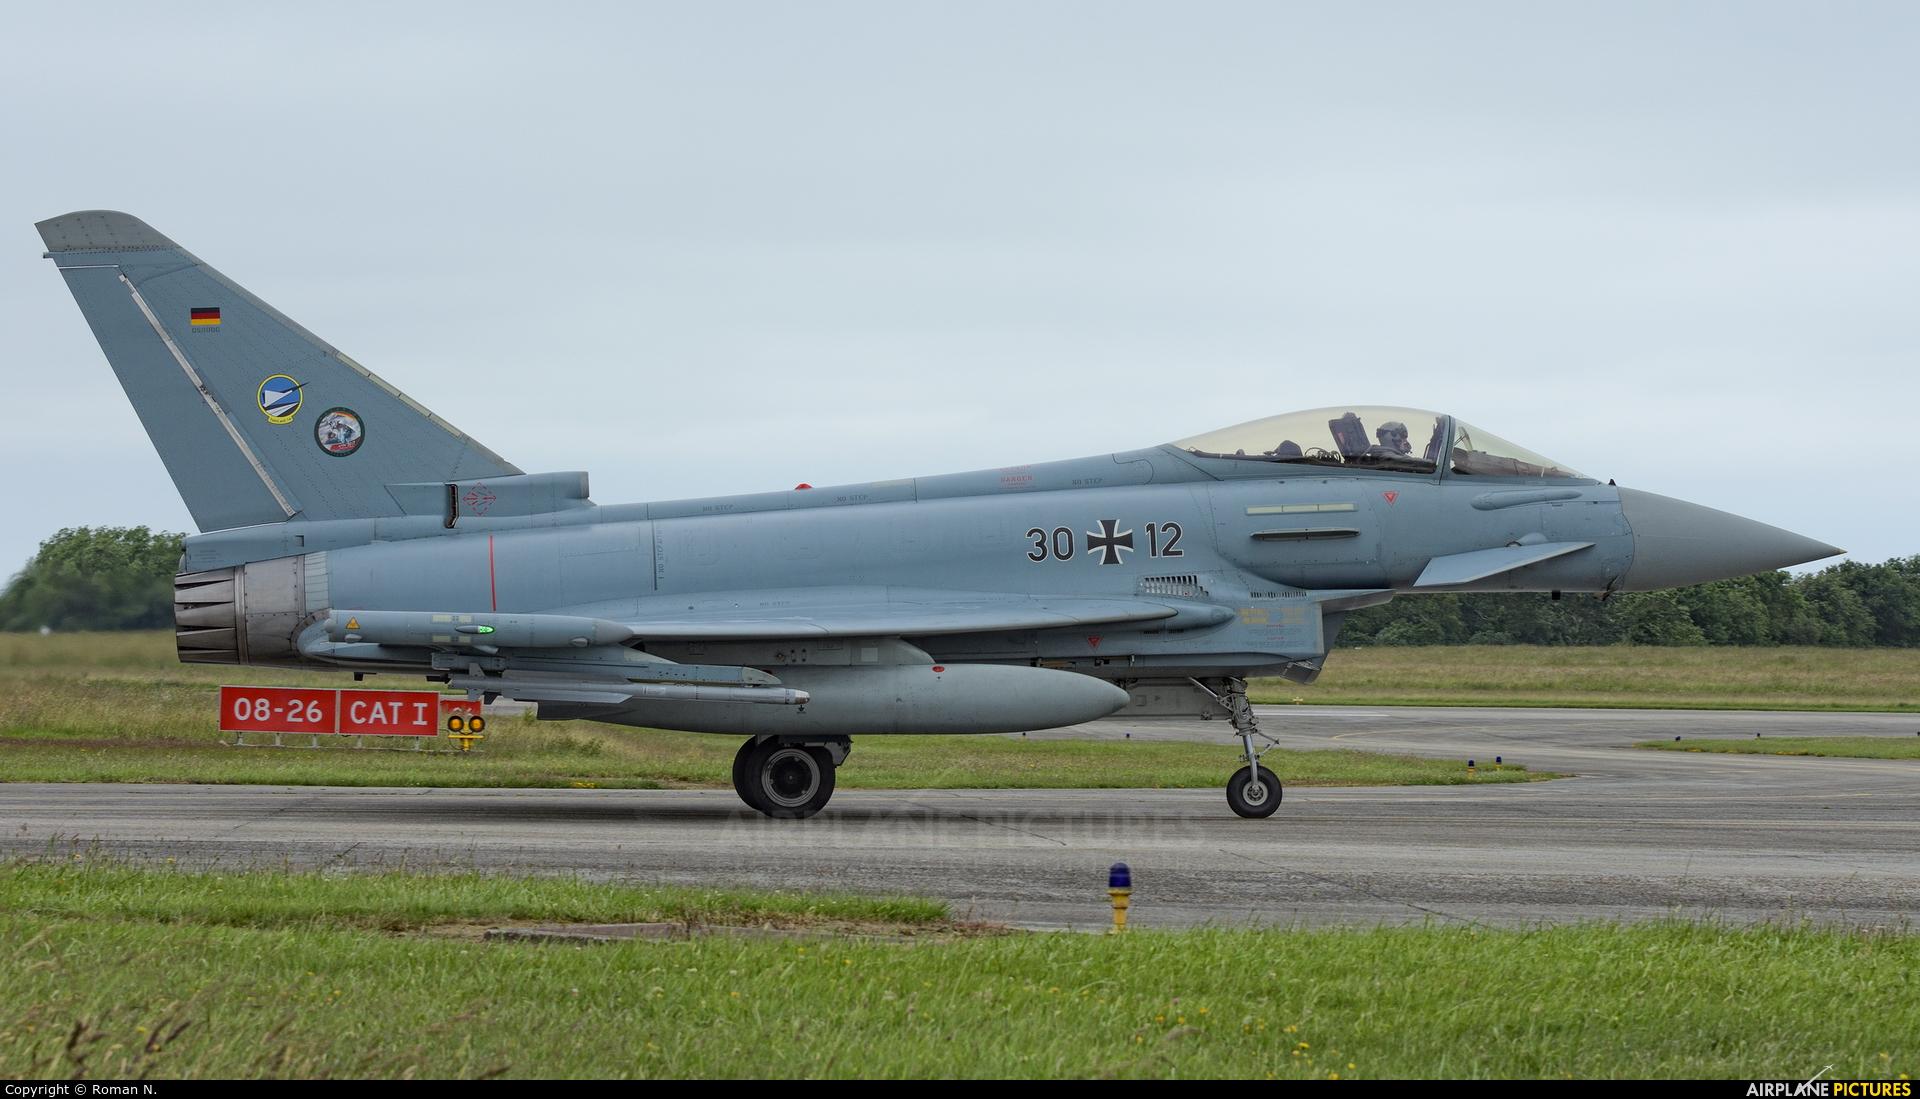 Germany - Air Force 30+12 aircraft at Landivisiau